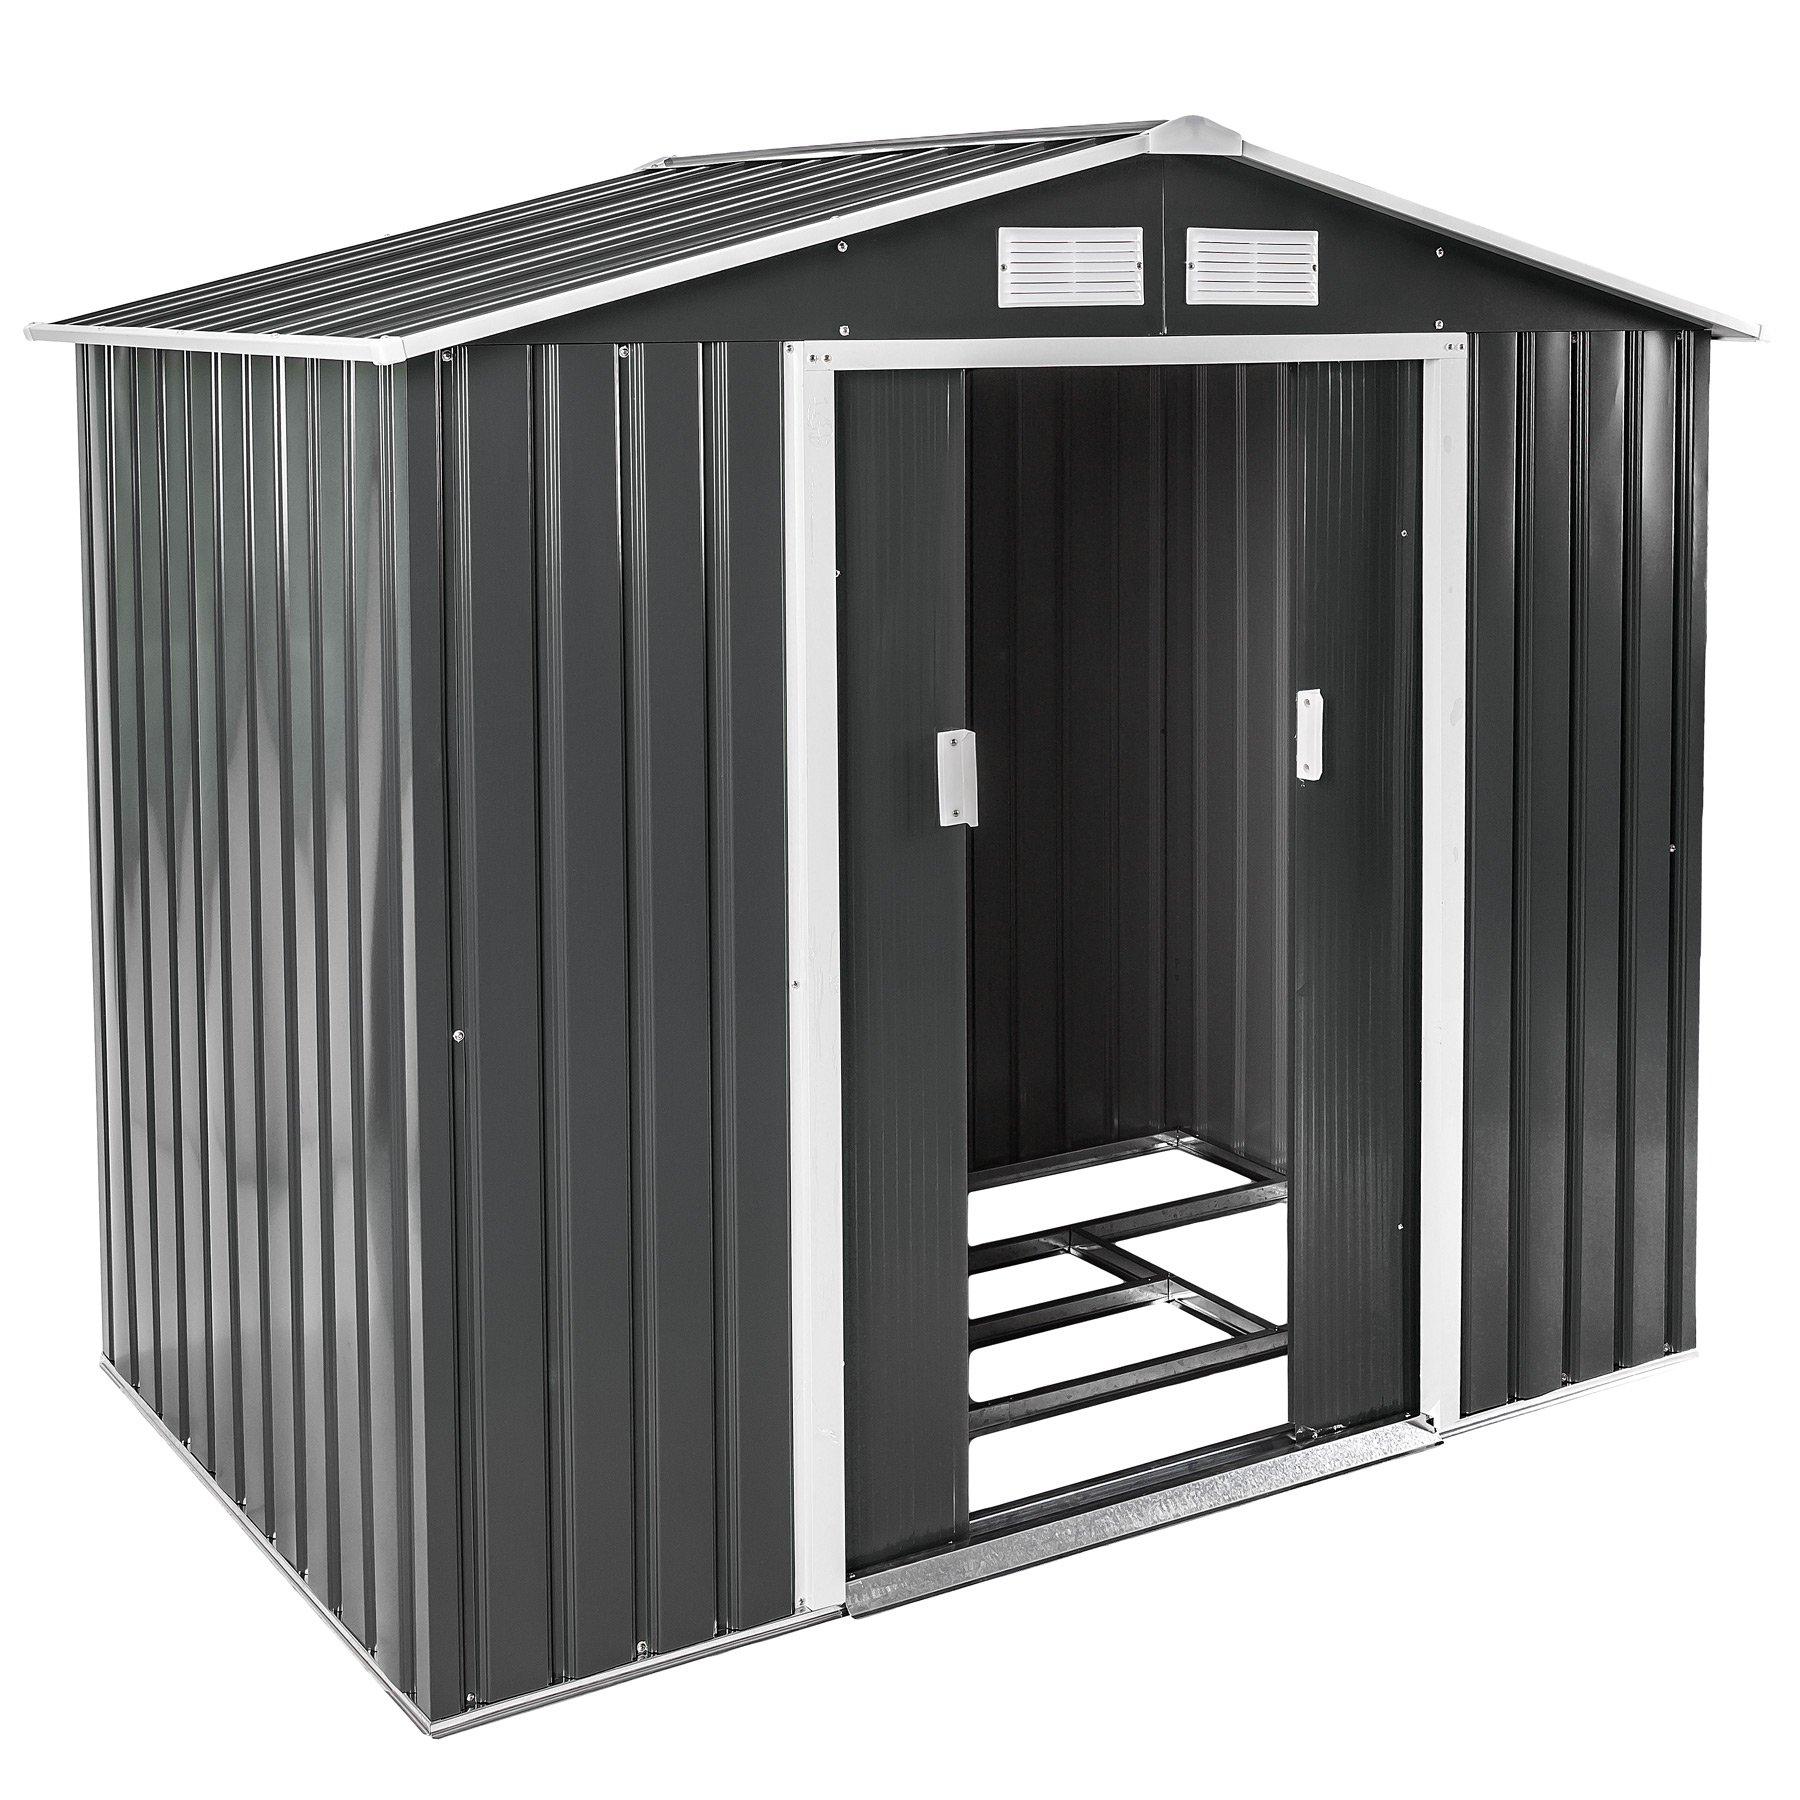 Deuba Cobertizo de metal de 5 m/² Antracita con marco de suelo techo con aperturas aeraci/ón almacenaje exterior de jard/ín